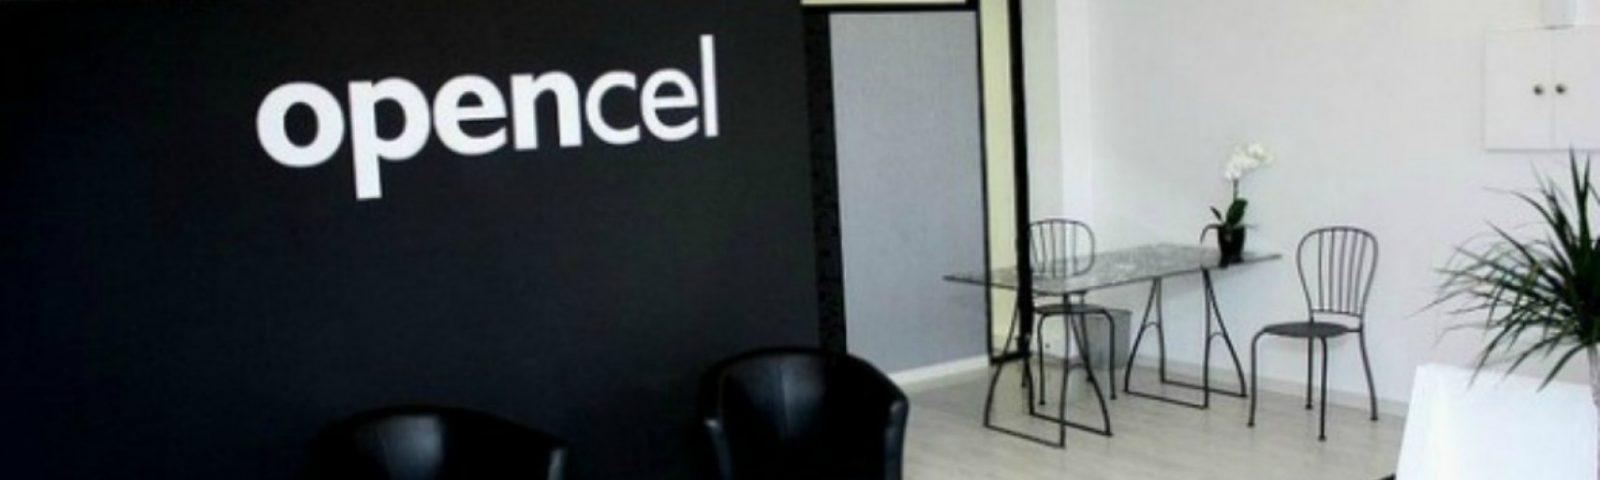 Opencel inicia expansão em Itália